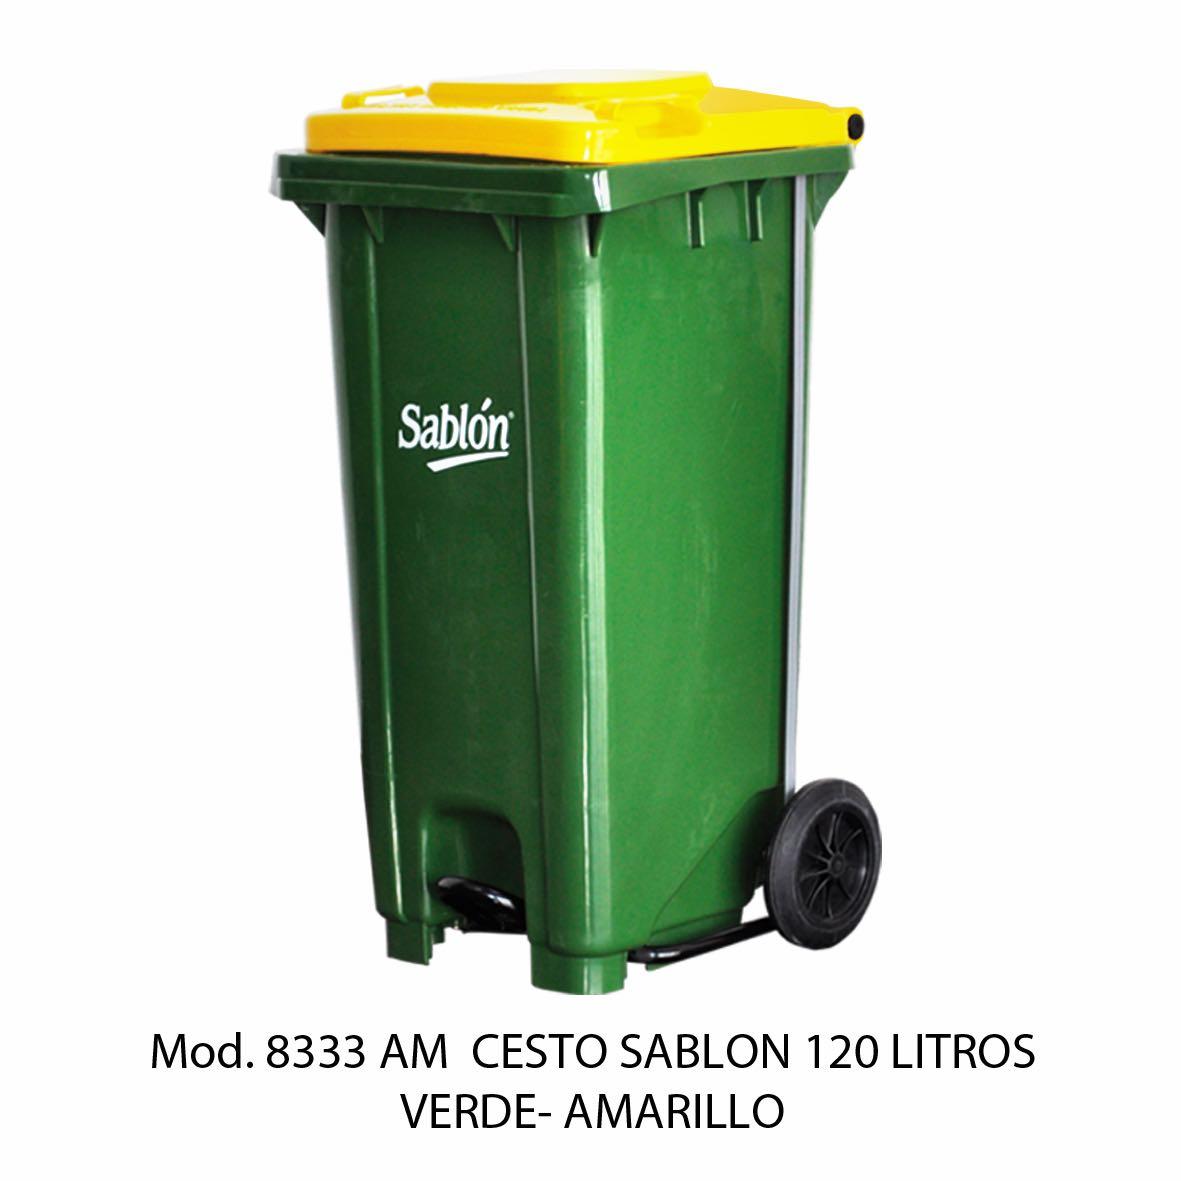 Contenedor para basura de 120 litros cuerpo verde y tapa amarilla - Modelo 8333 AM - Sablón